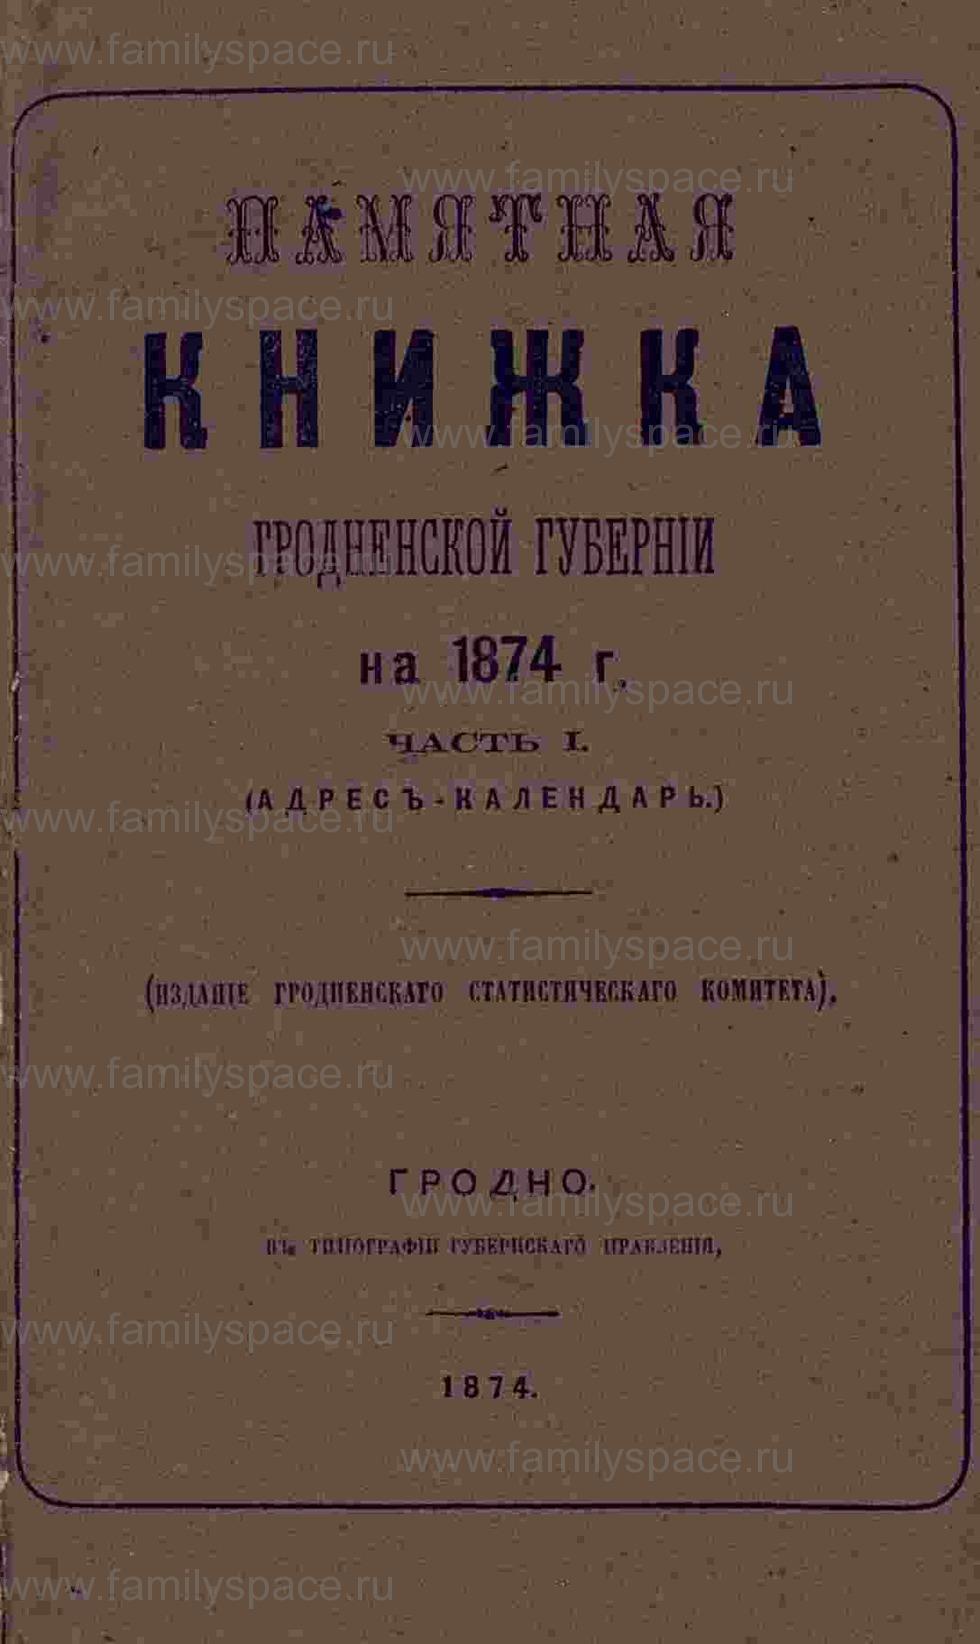 Поиск по фамилии - Памятная книжка Гродненской губернии на 1874 год, часть 1, страница 3